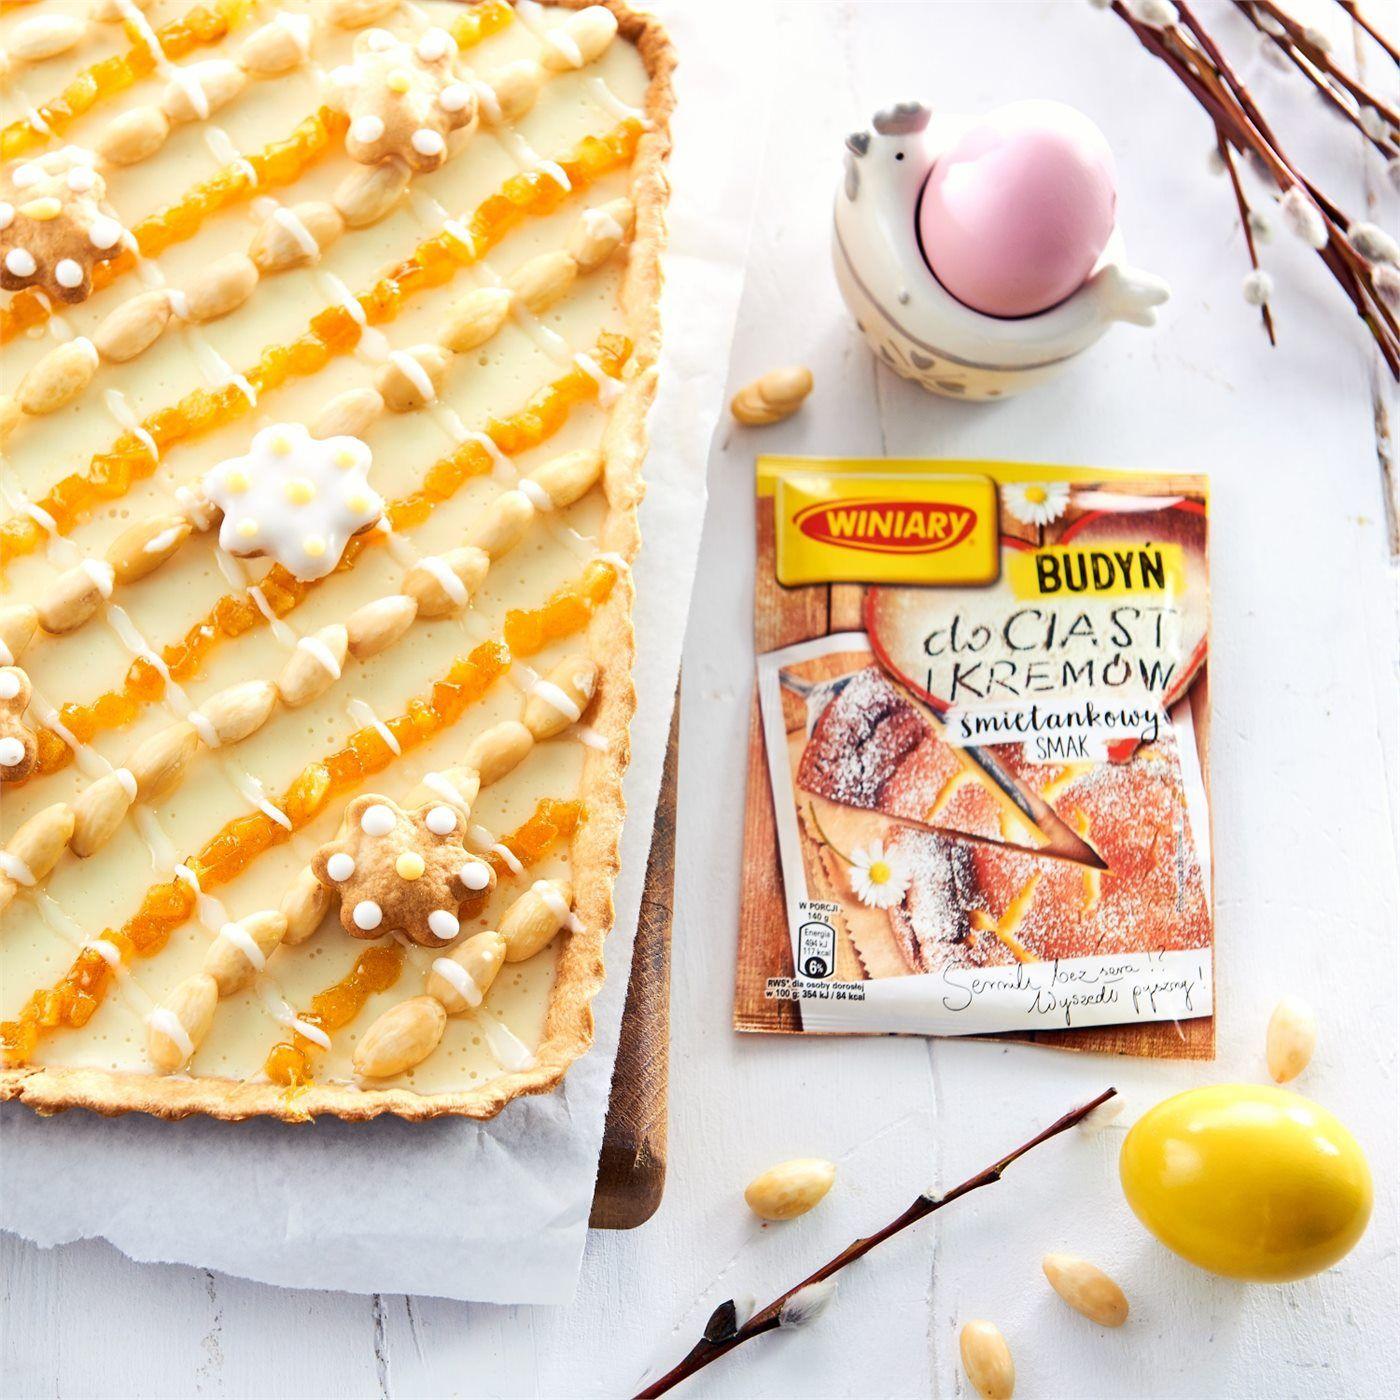 Mazurek Wielkanocny Z Kremem Budyniowym Przepis Recipe Food Recipies Bread